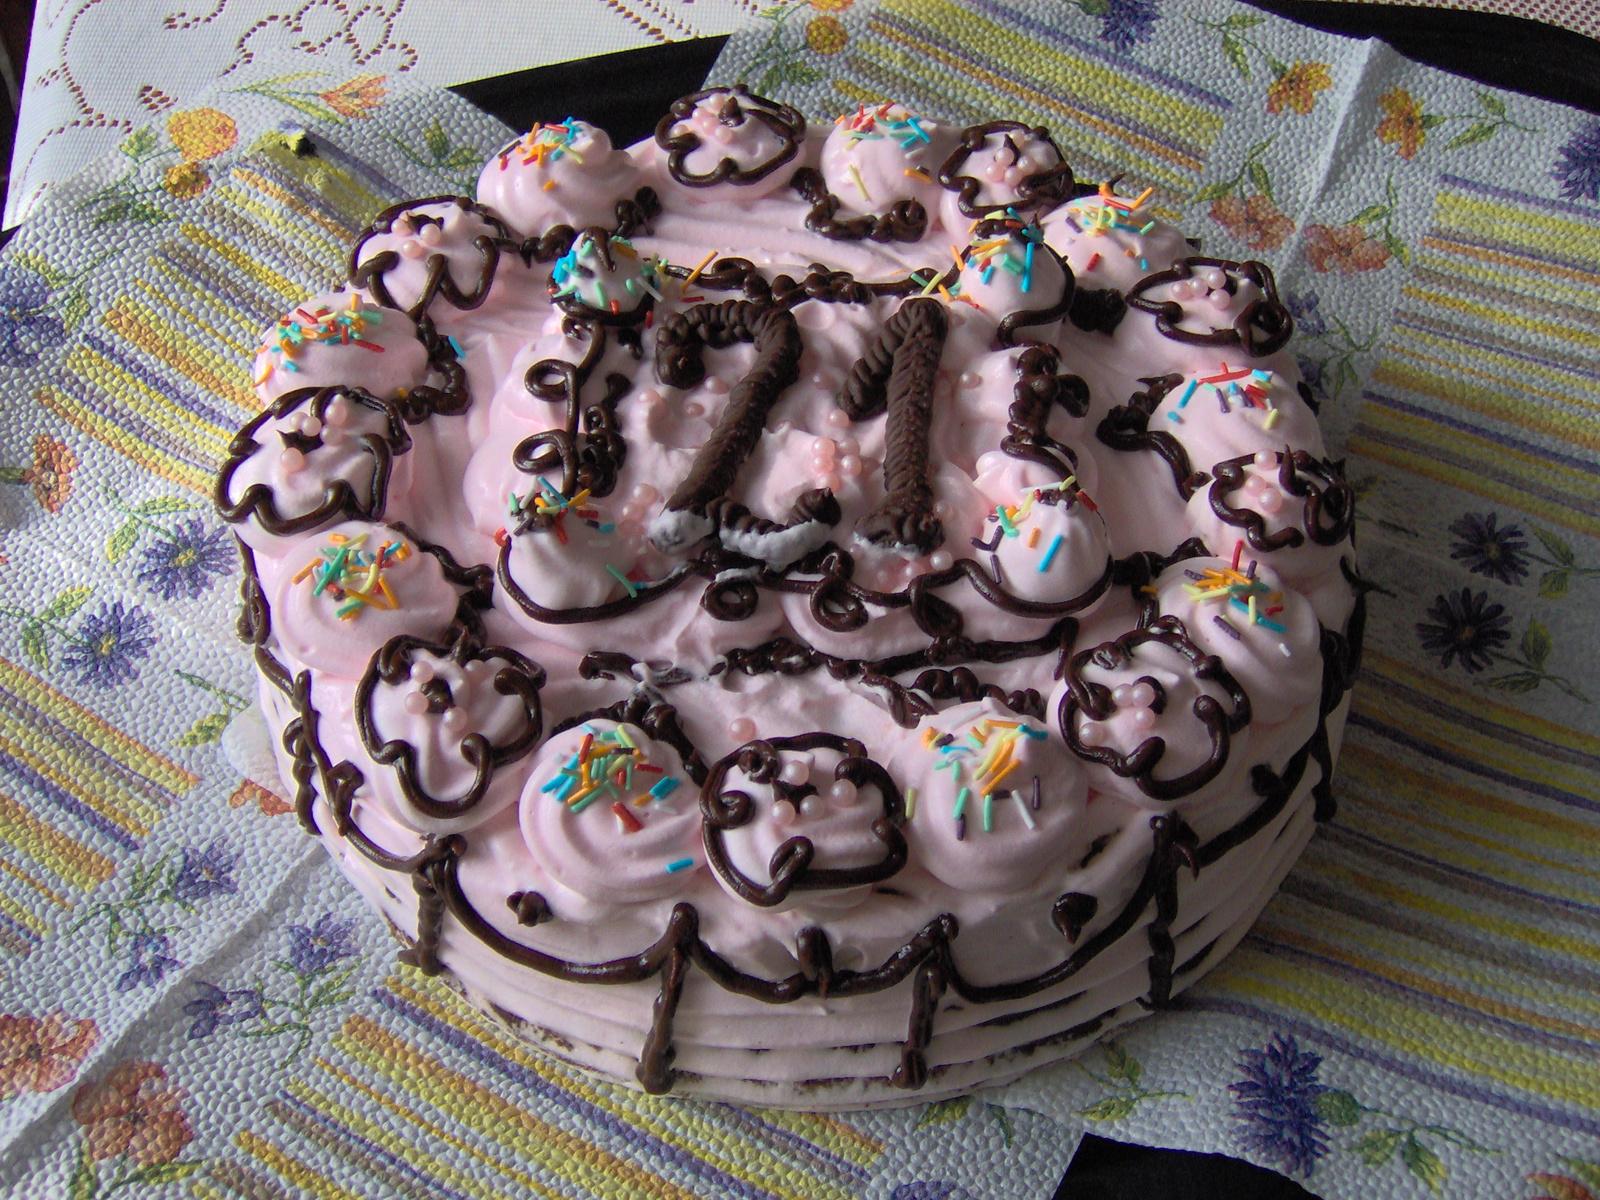 szülinapi torta 21 21. szülinapi unoka torta   Kedvenc utazásaink   indafoto.hu szülinapi torta 21